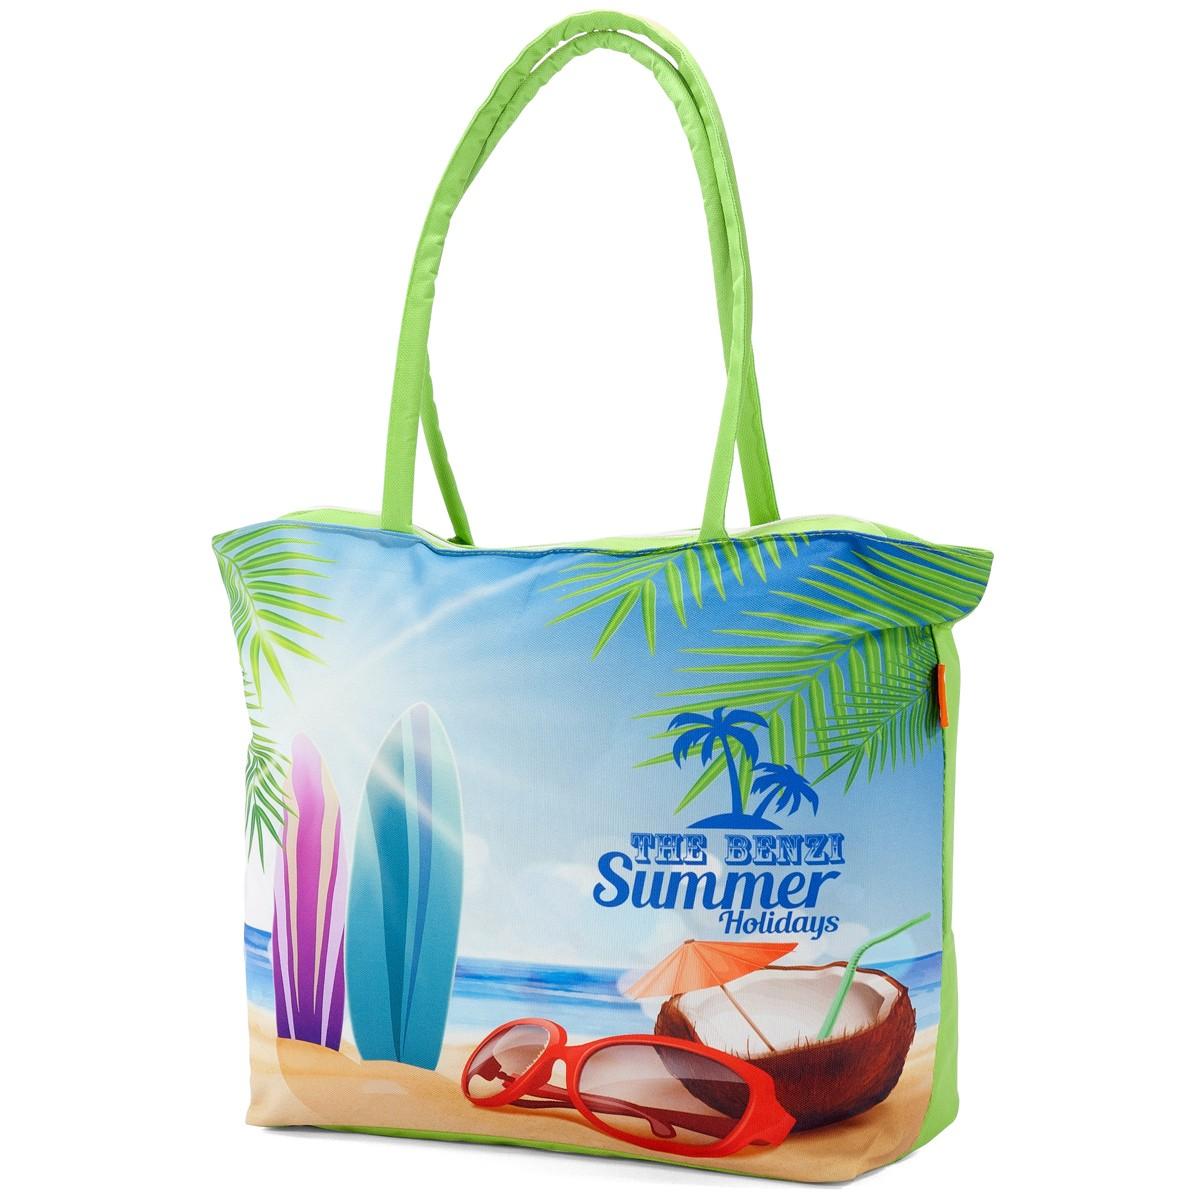 Τσάντα Παραλίας Benzi 5000 Green home   θαλάσσης   τσάντες παραλίας